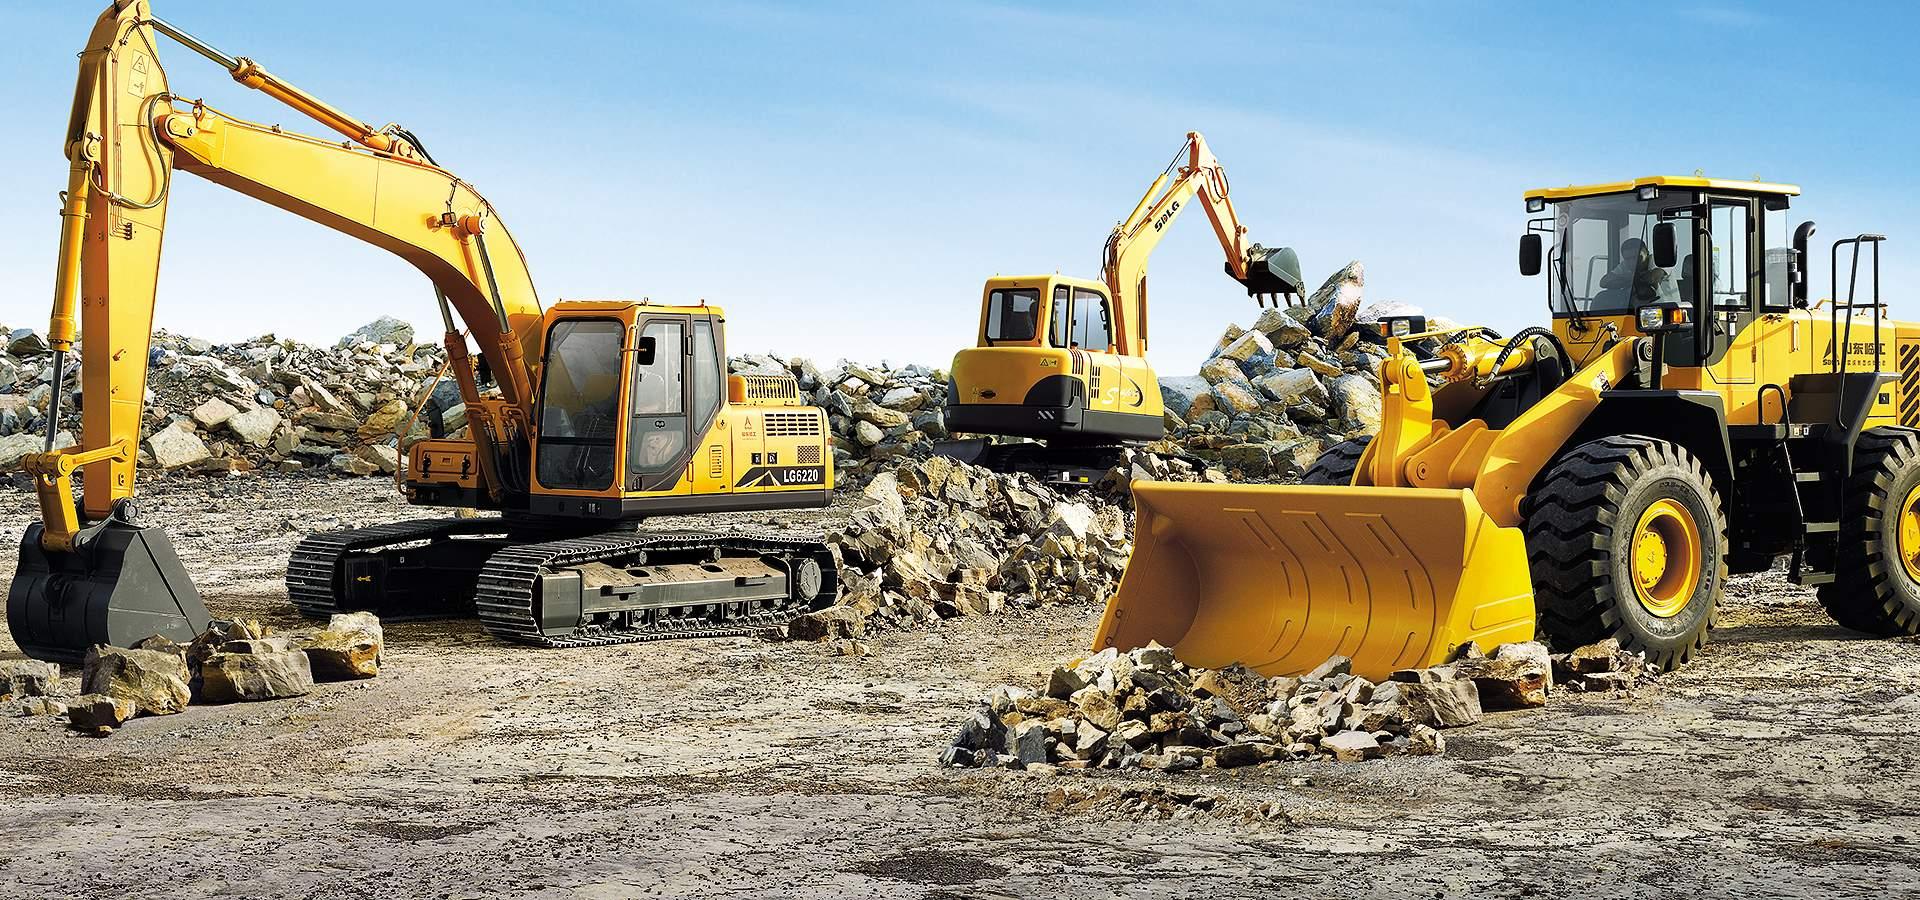 Запасные части для тракторов, спецтехники